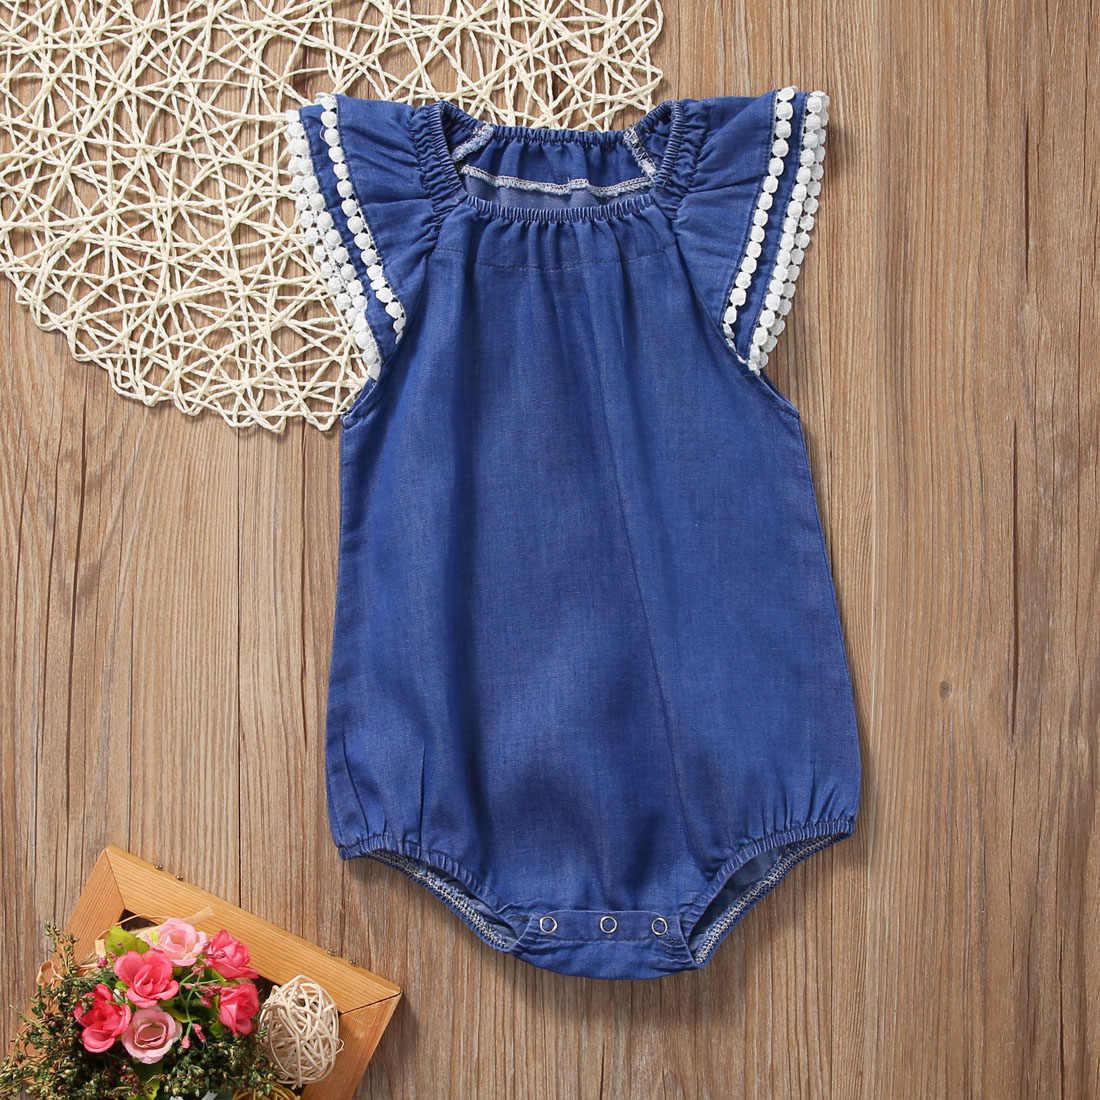 204c5d9a ... Cute Newborn Baby Girl Lace Romper Clothes Infant Bebes Lace Jumpsuit  Denim Rompers Jumpsuit Sunsuit Outfits ...